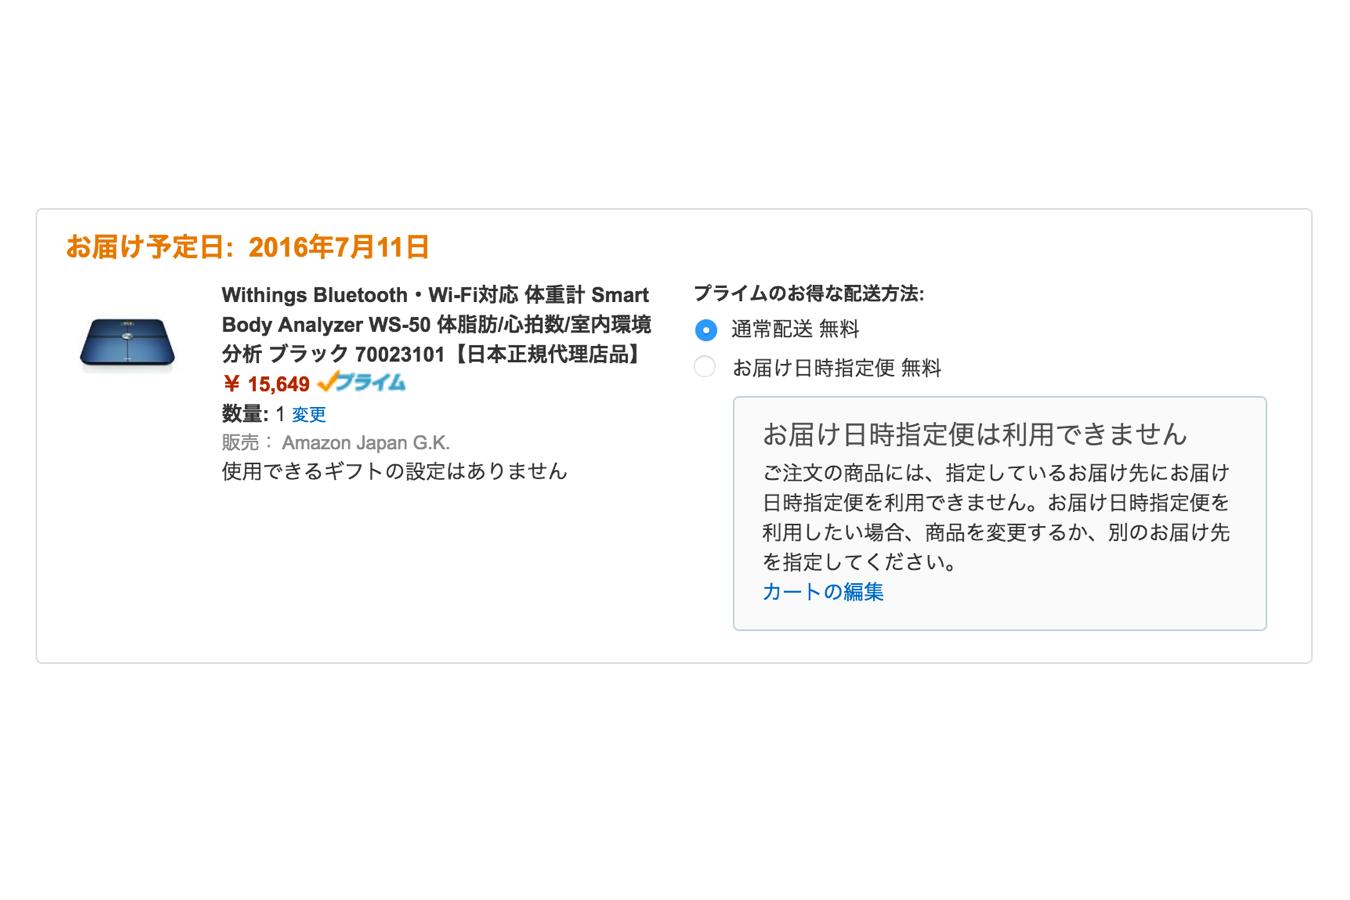 【Amazonプライム会員向け】プライム対象商品なのにお急ぎ便が使えない!?その意外な理由とは!